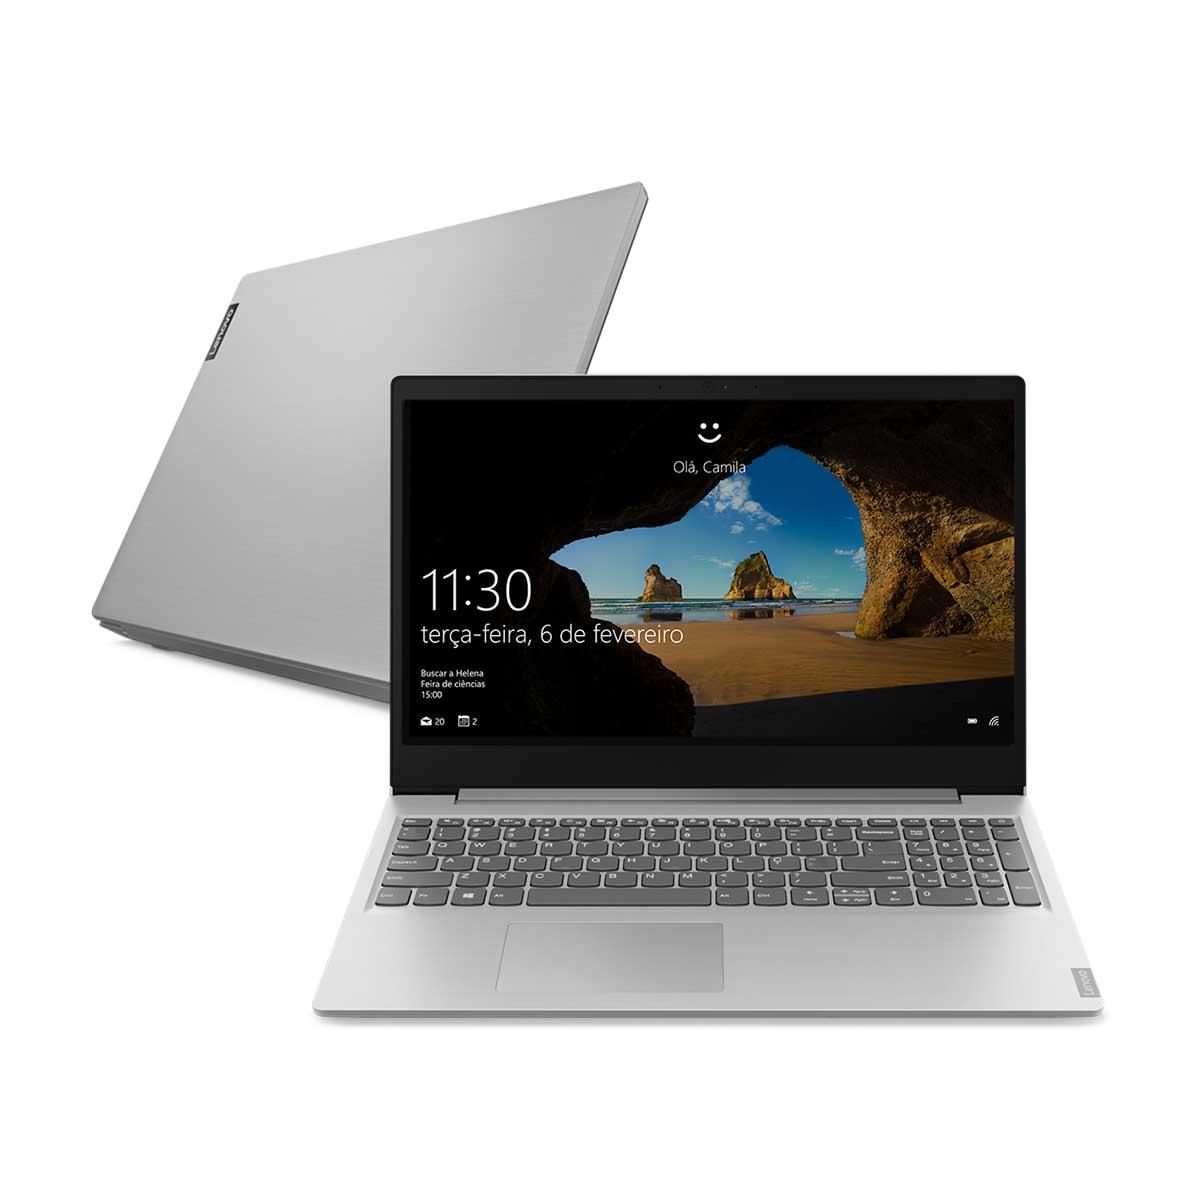 """Menor preço em Notebook Lenovo Intel Core i5 8GB 1Tb 15.6"""" Windows 10 81S90005BR Prata"""